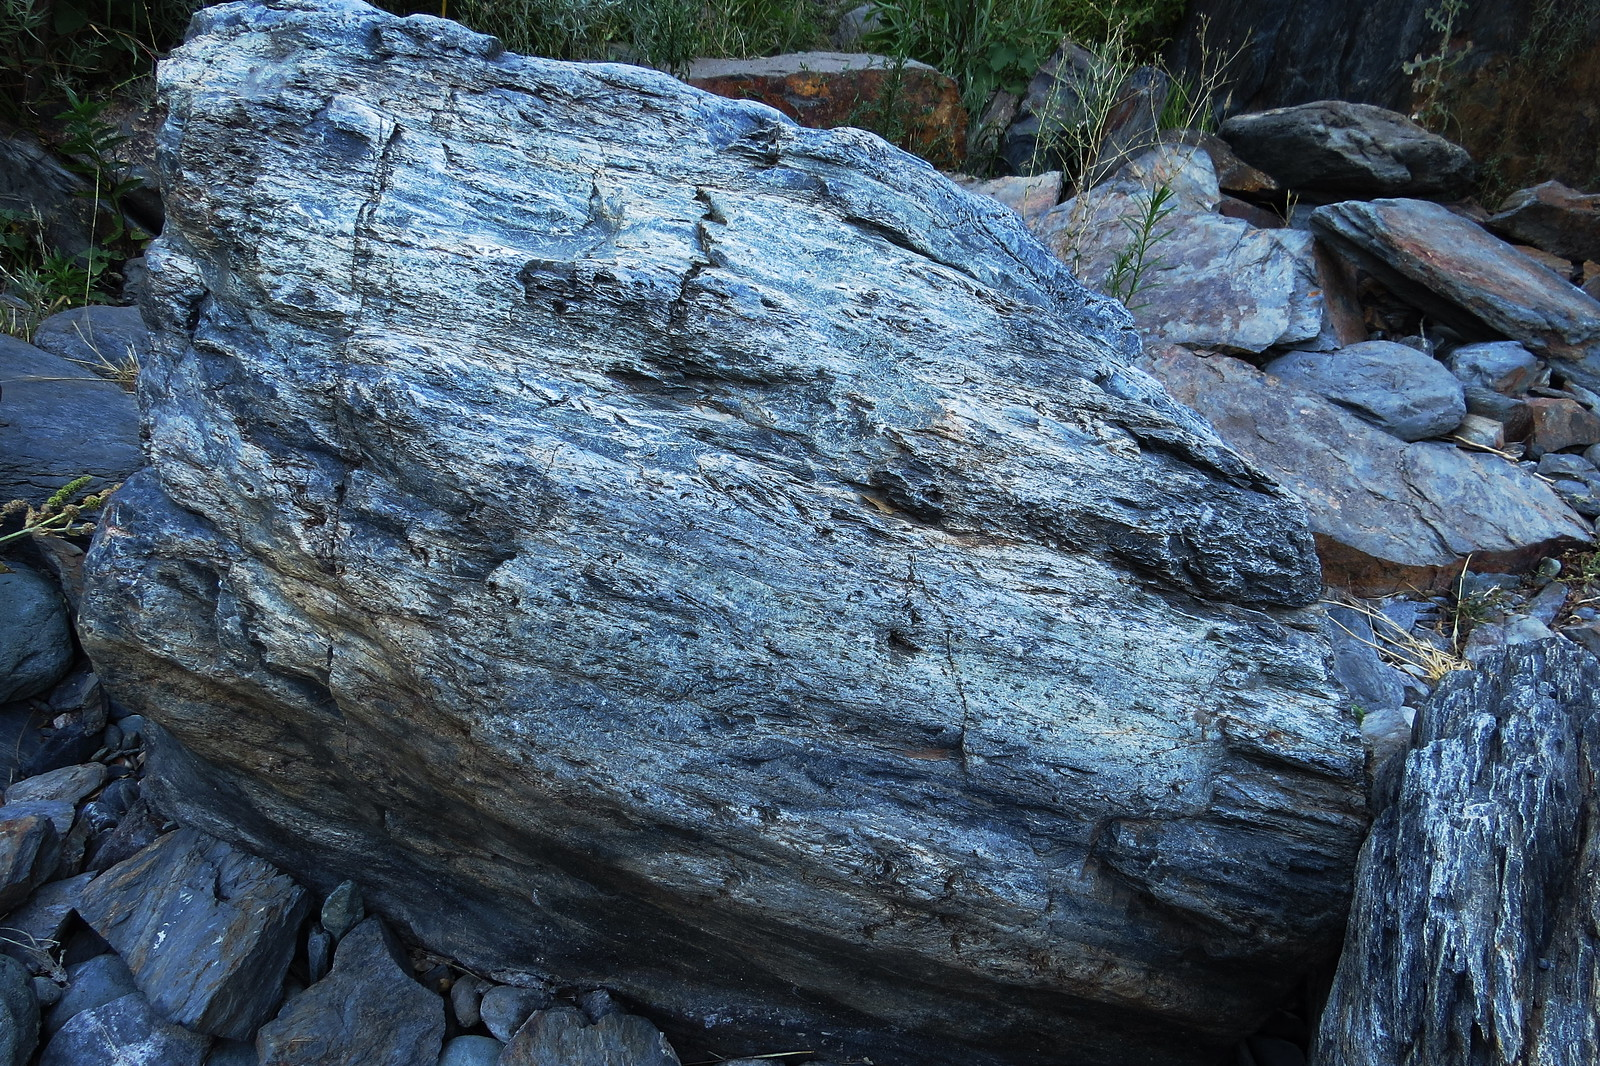 Blue Granite, Merced River, CA